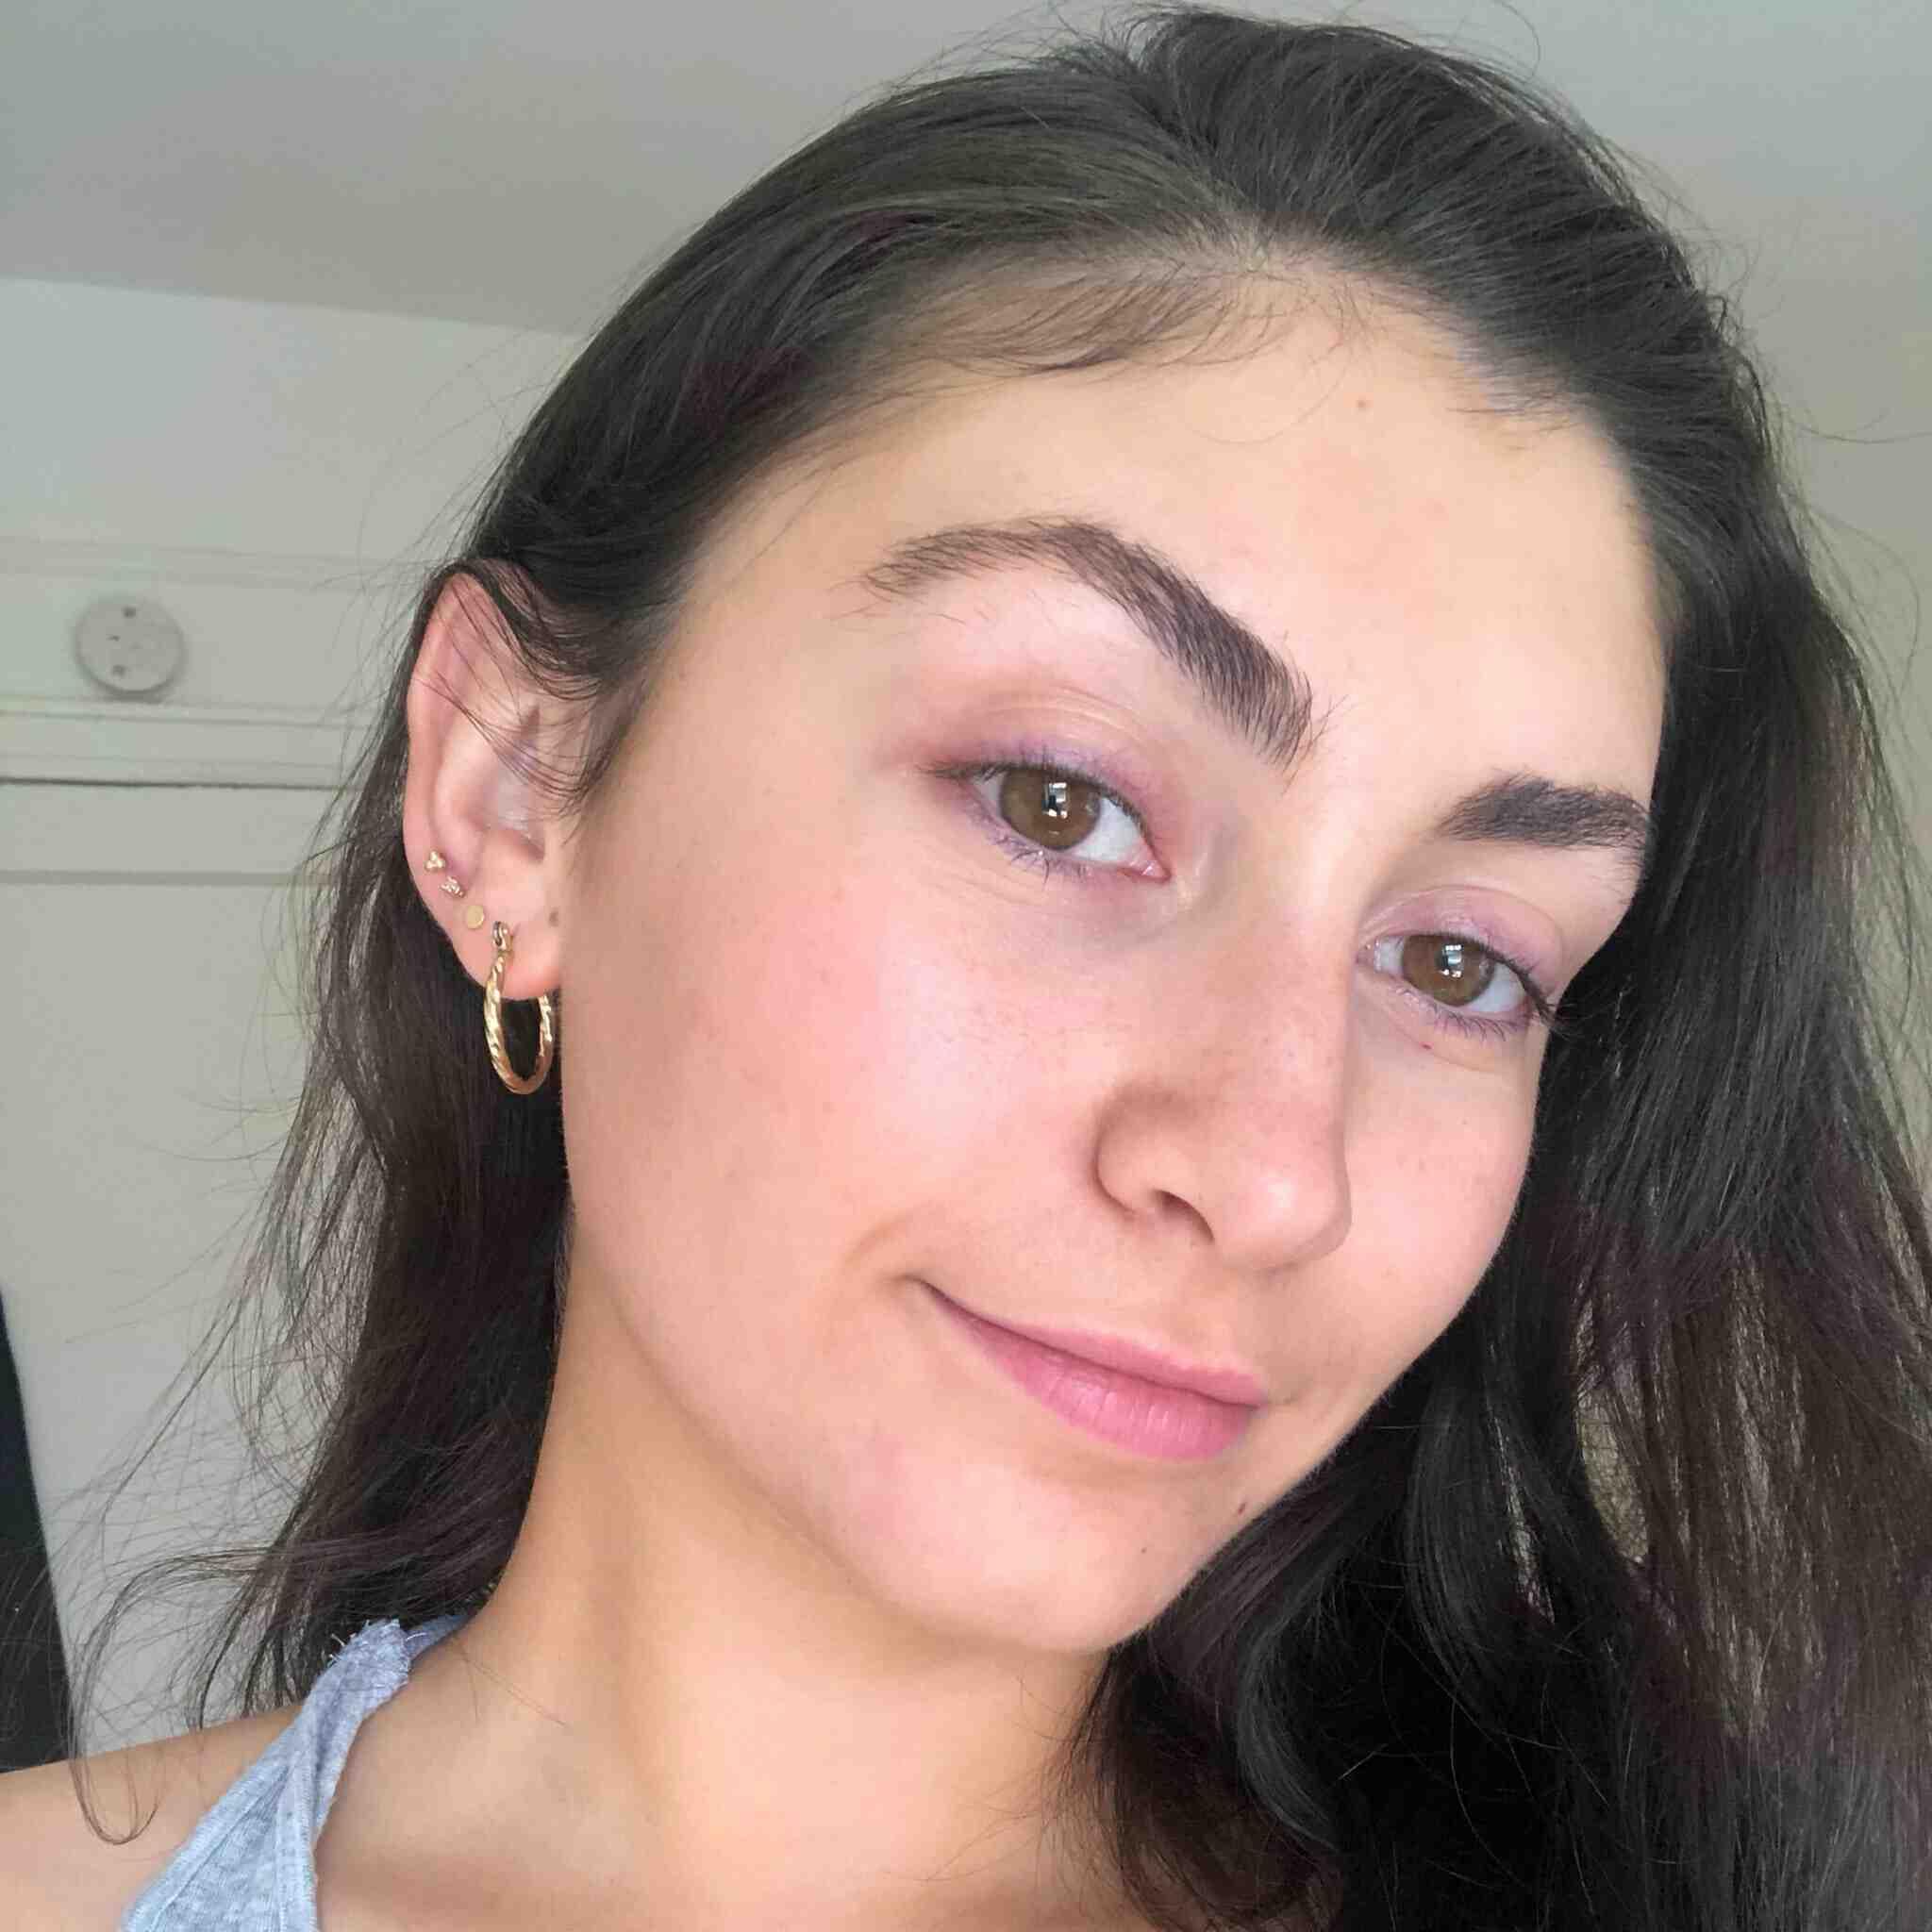 Comment faire pousser les sourcils en 1 semaine ?